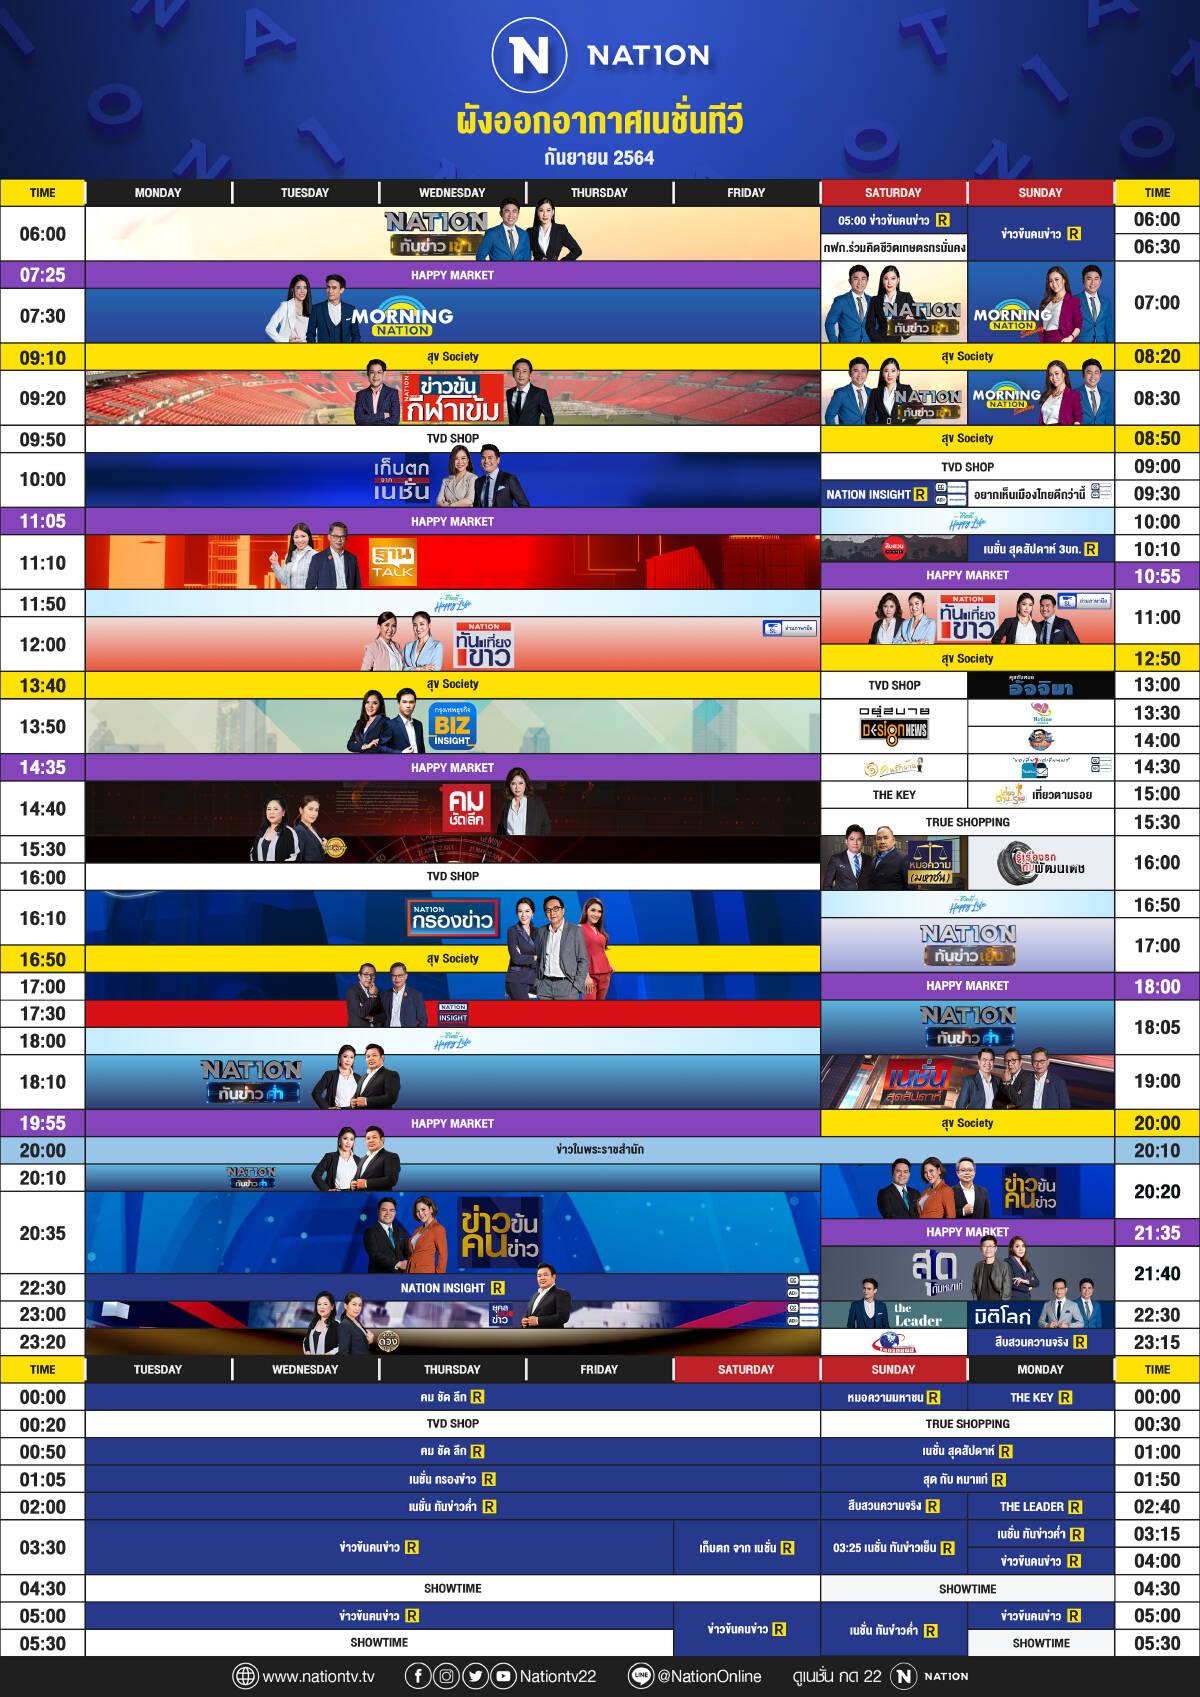 ผังออกอากาศ NationTV ประจำเดือน กันยายน 2564